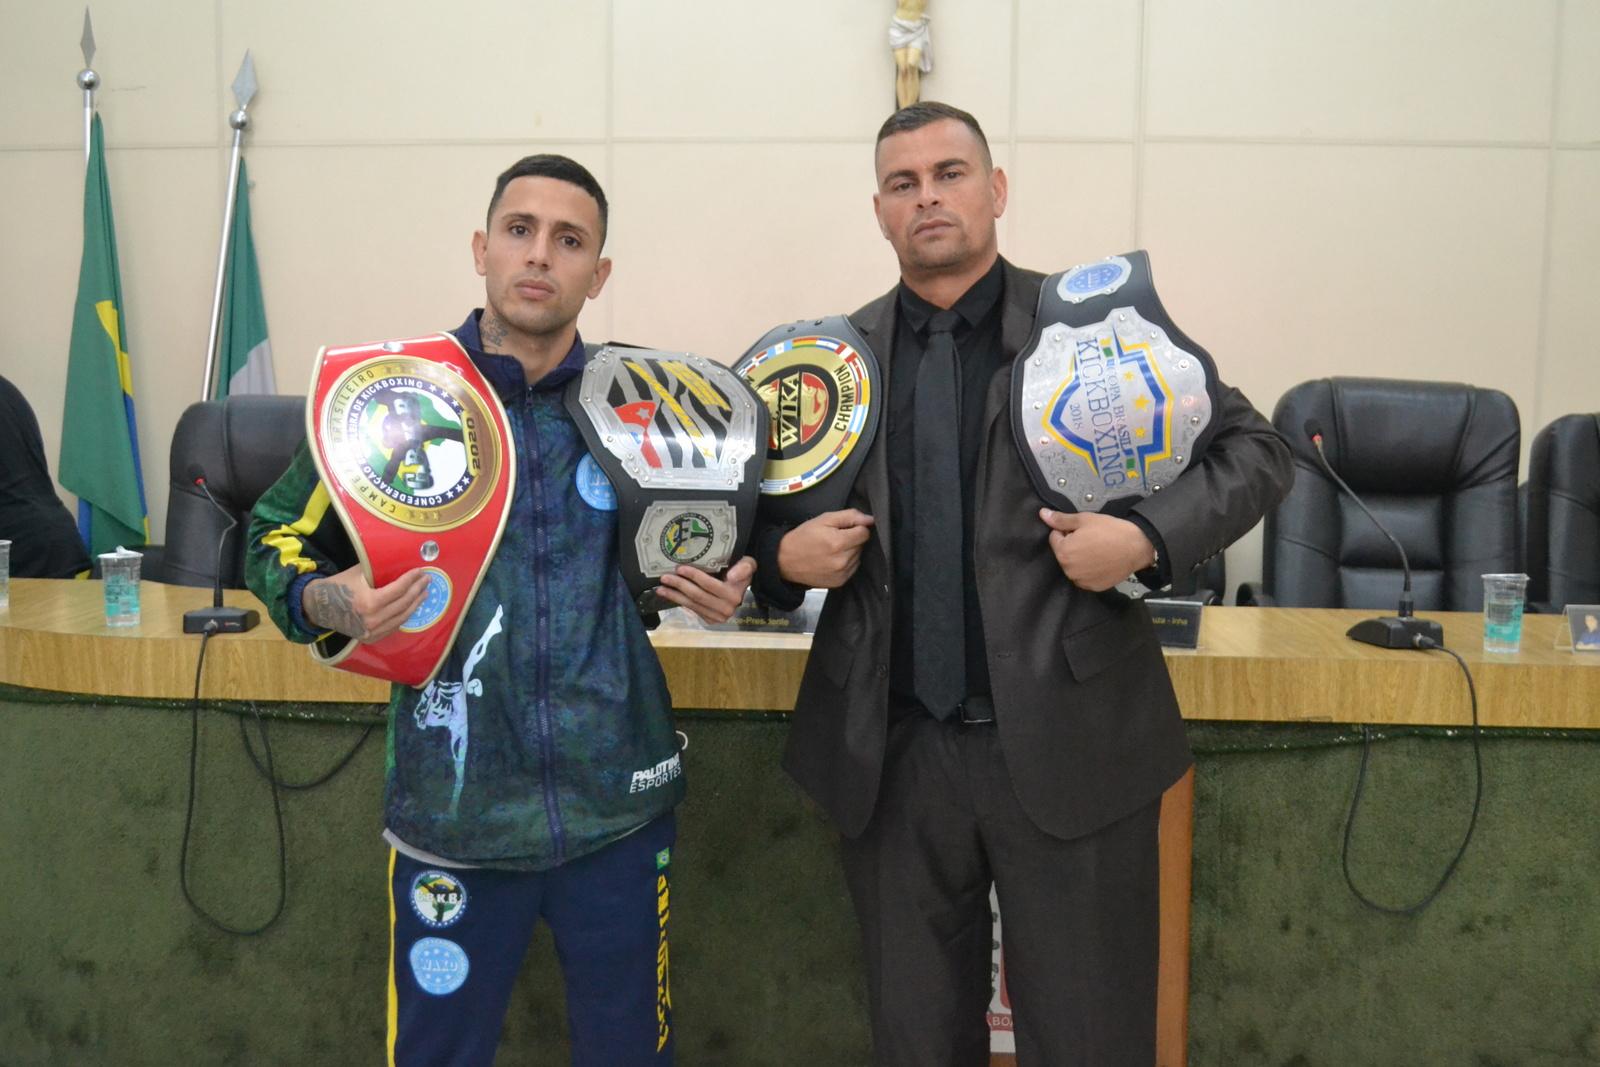 Câmara homenageia lutador de kickboxing que disputará campeonato mundial na Itália